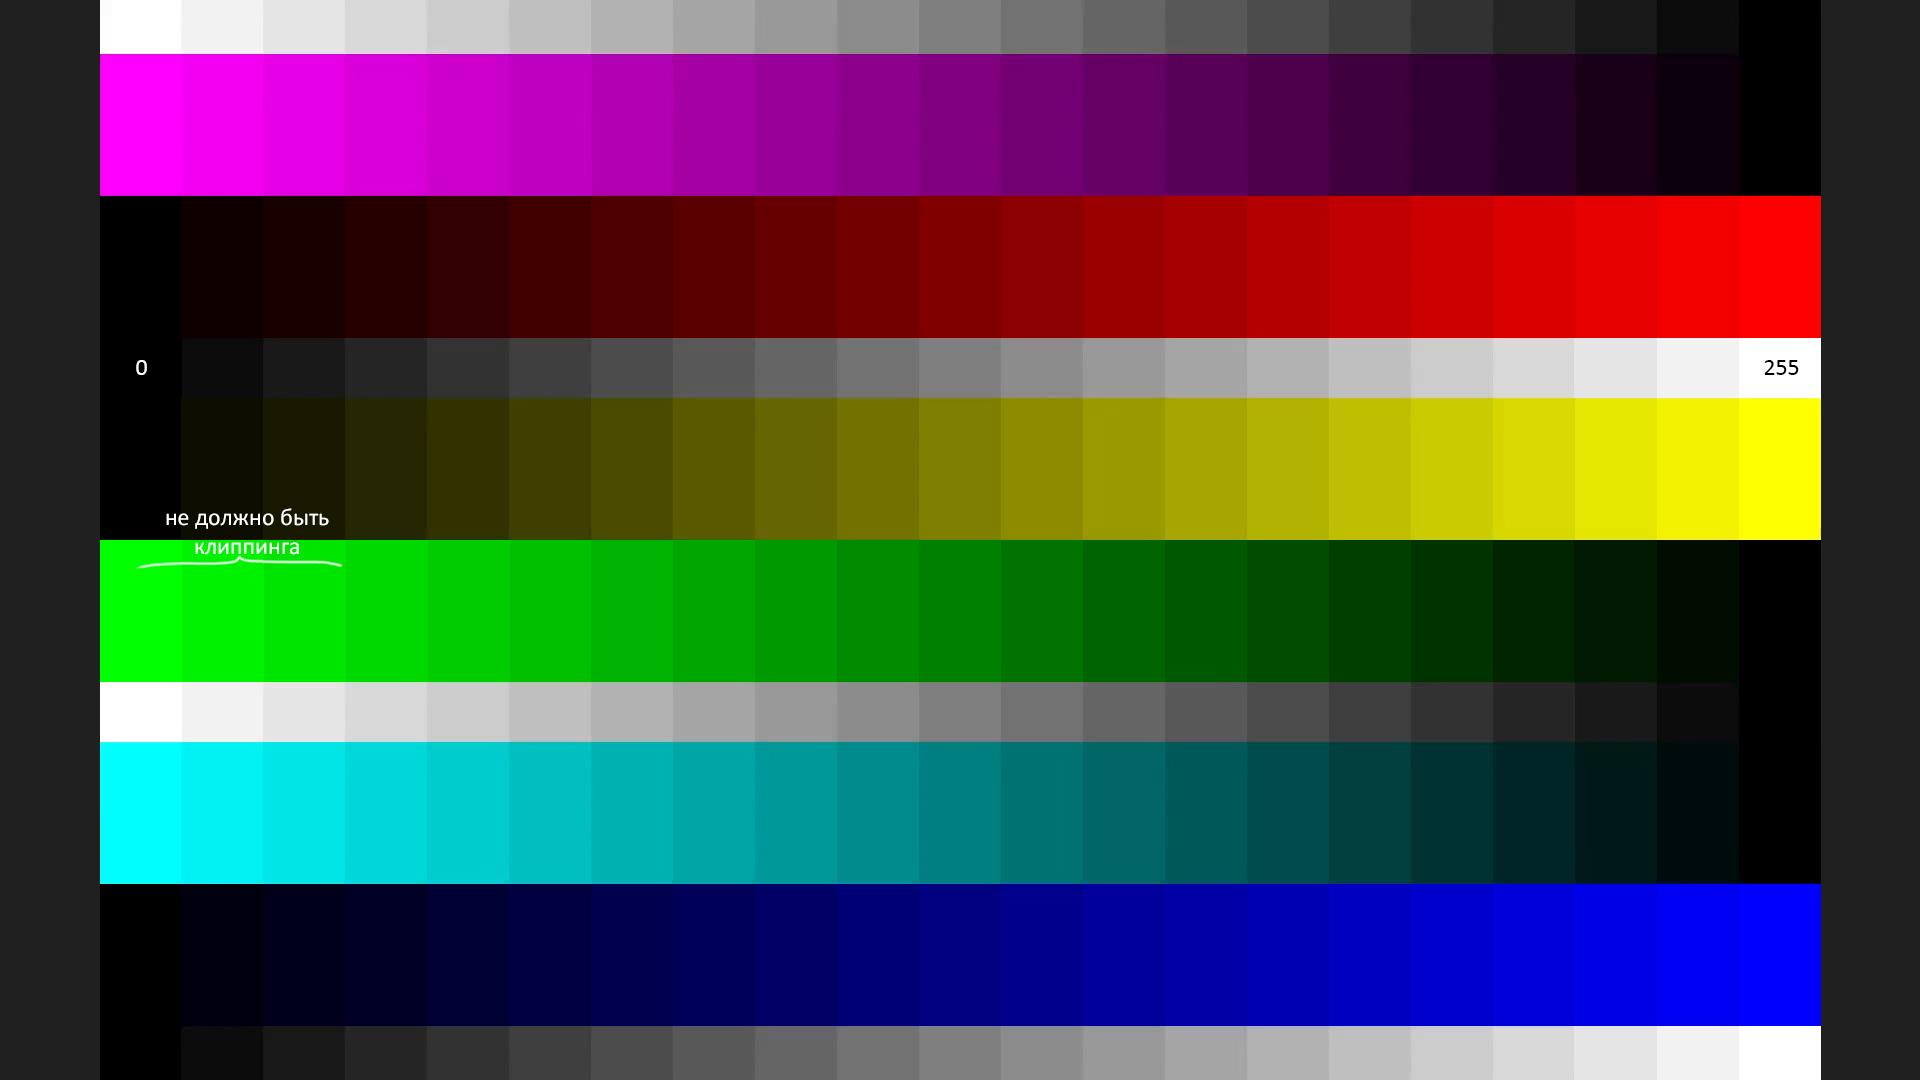 картинки для тестирования экранов эти фото можно